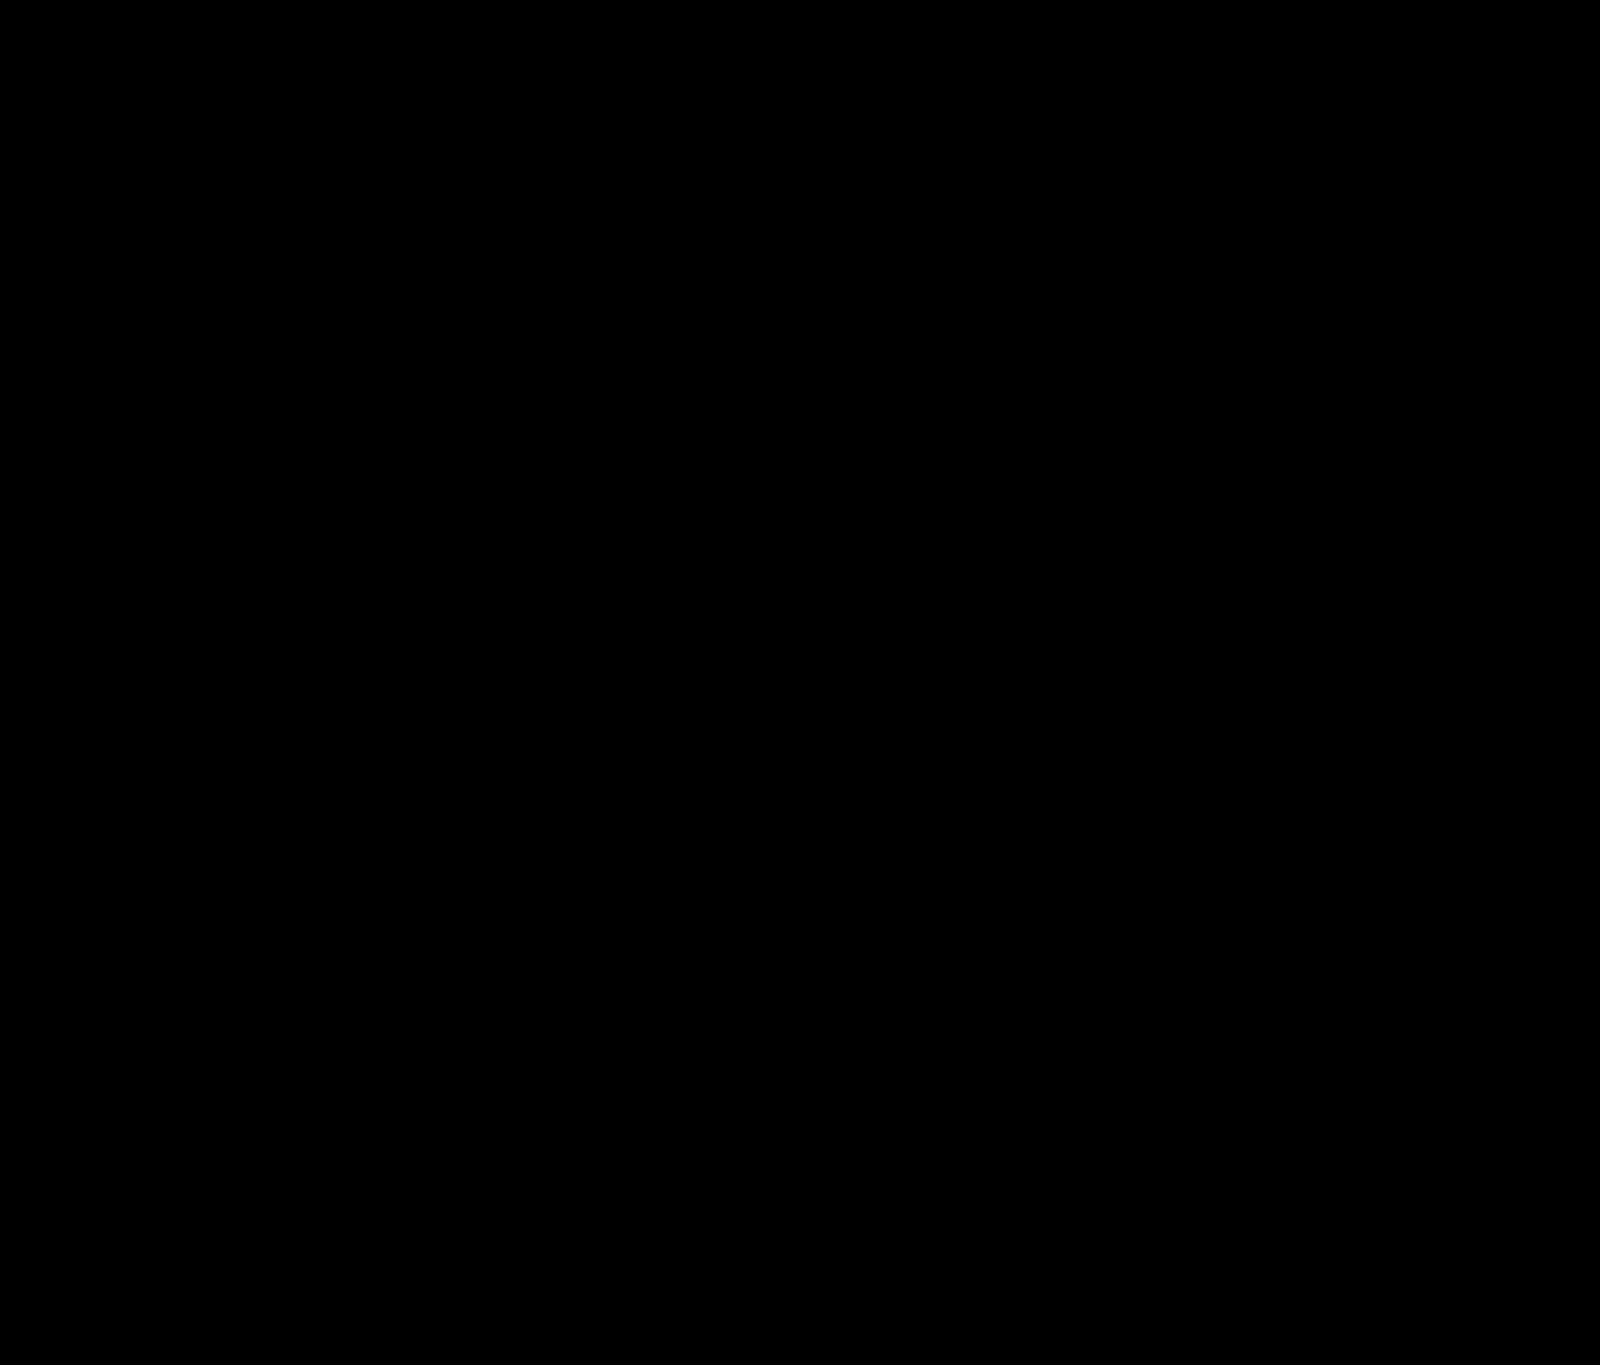 pngguru